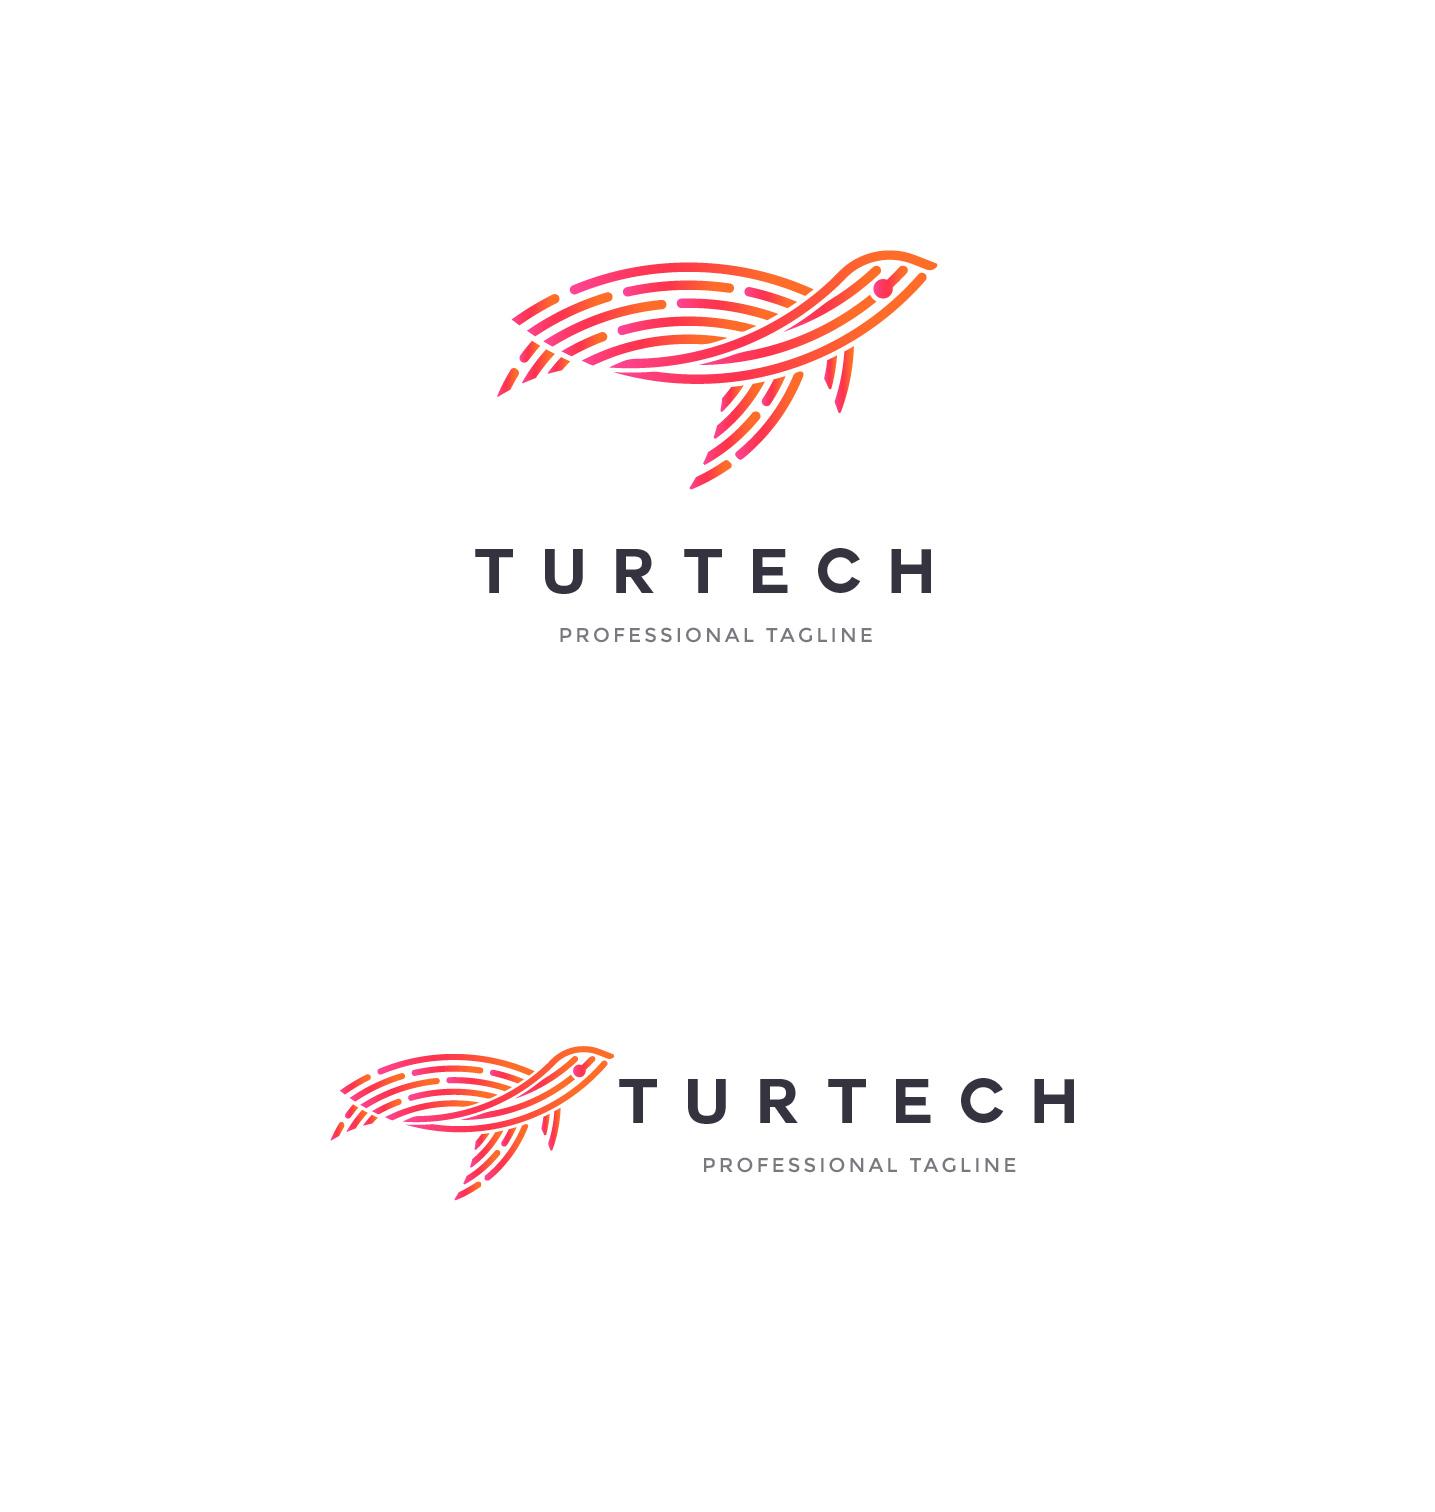 Animal Logo - Turtle Logo example image 5